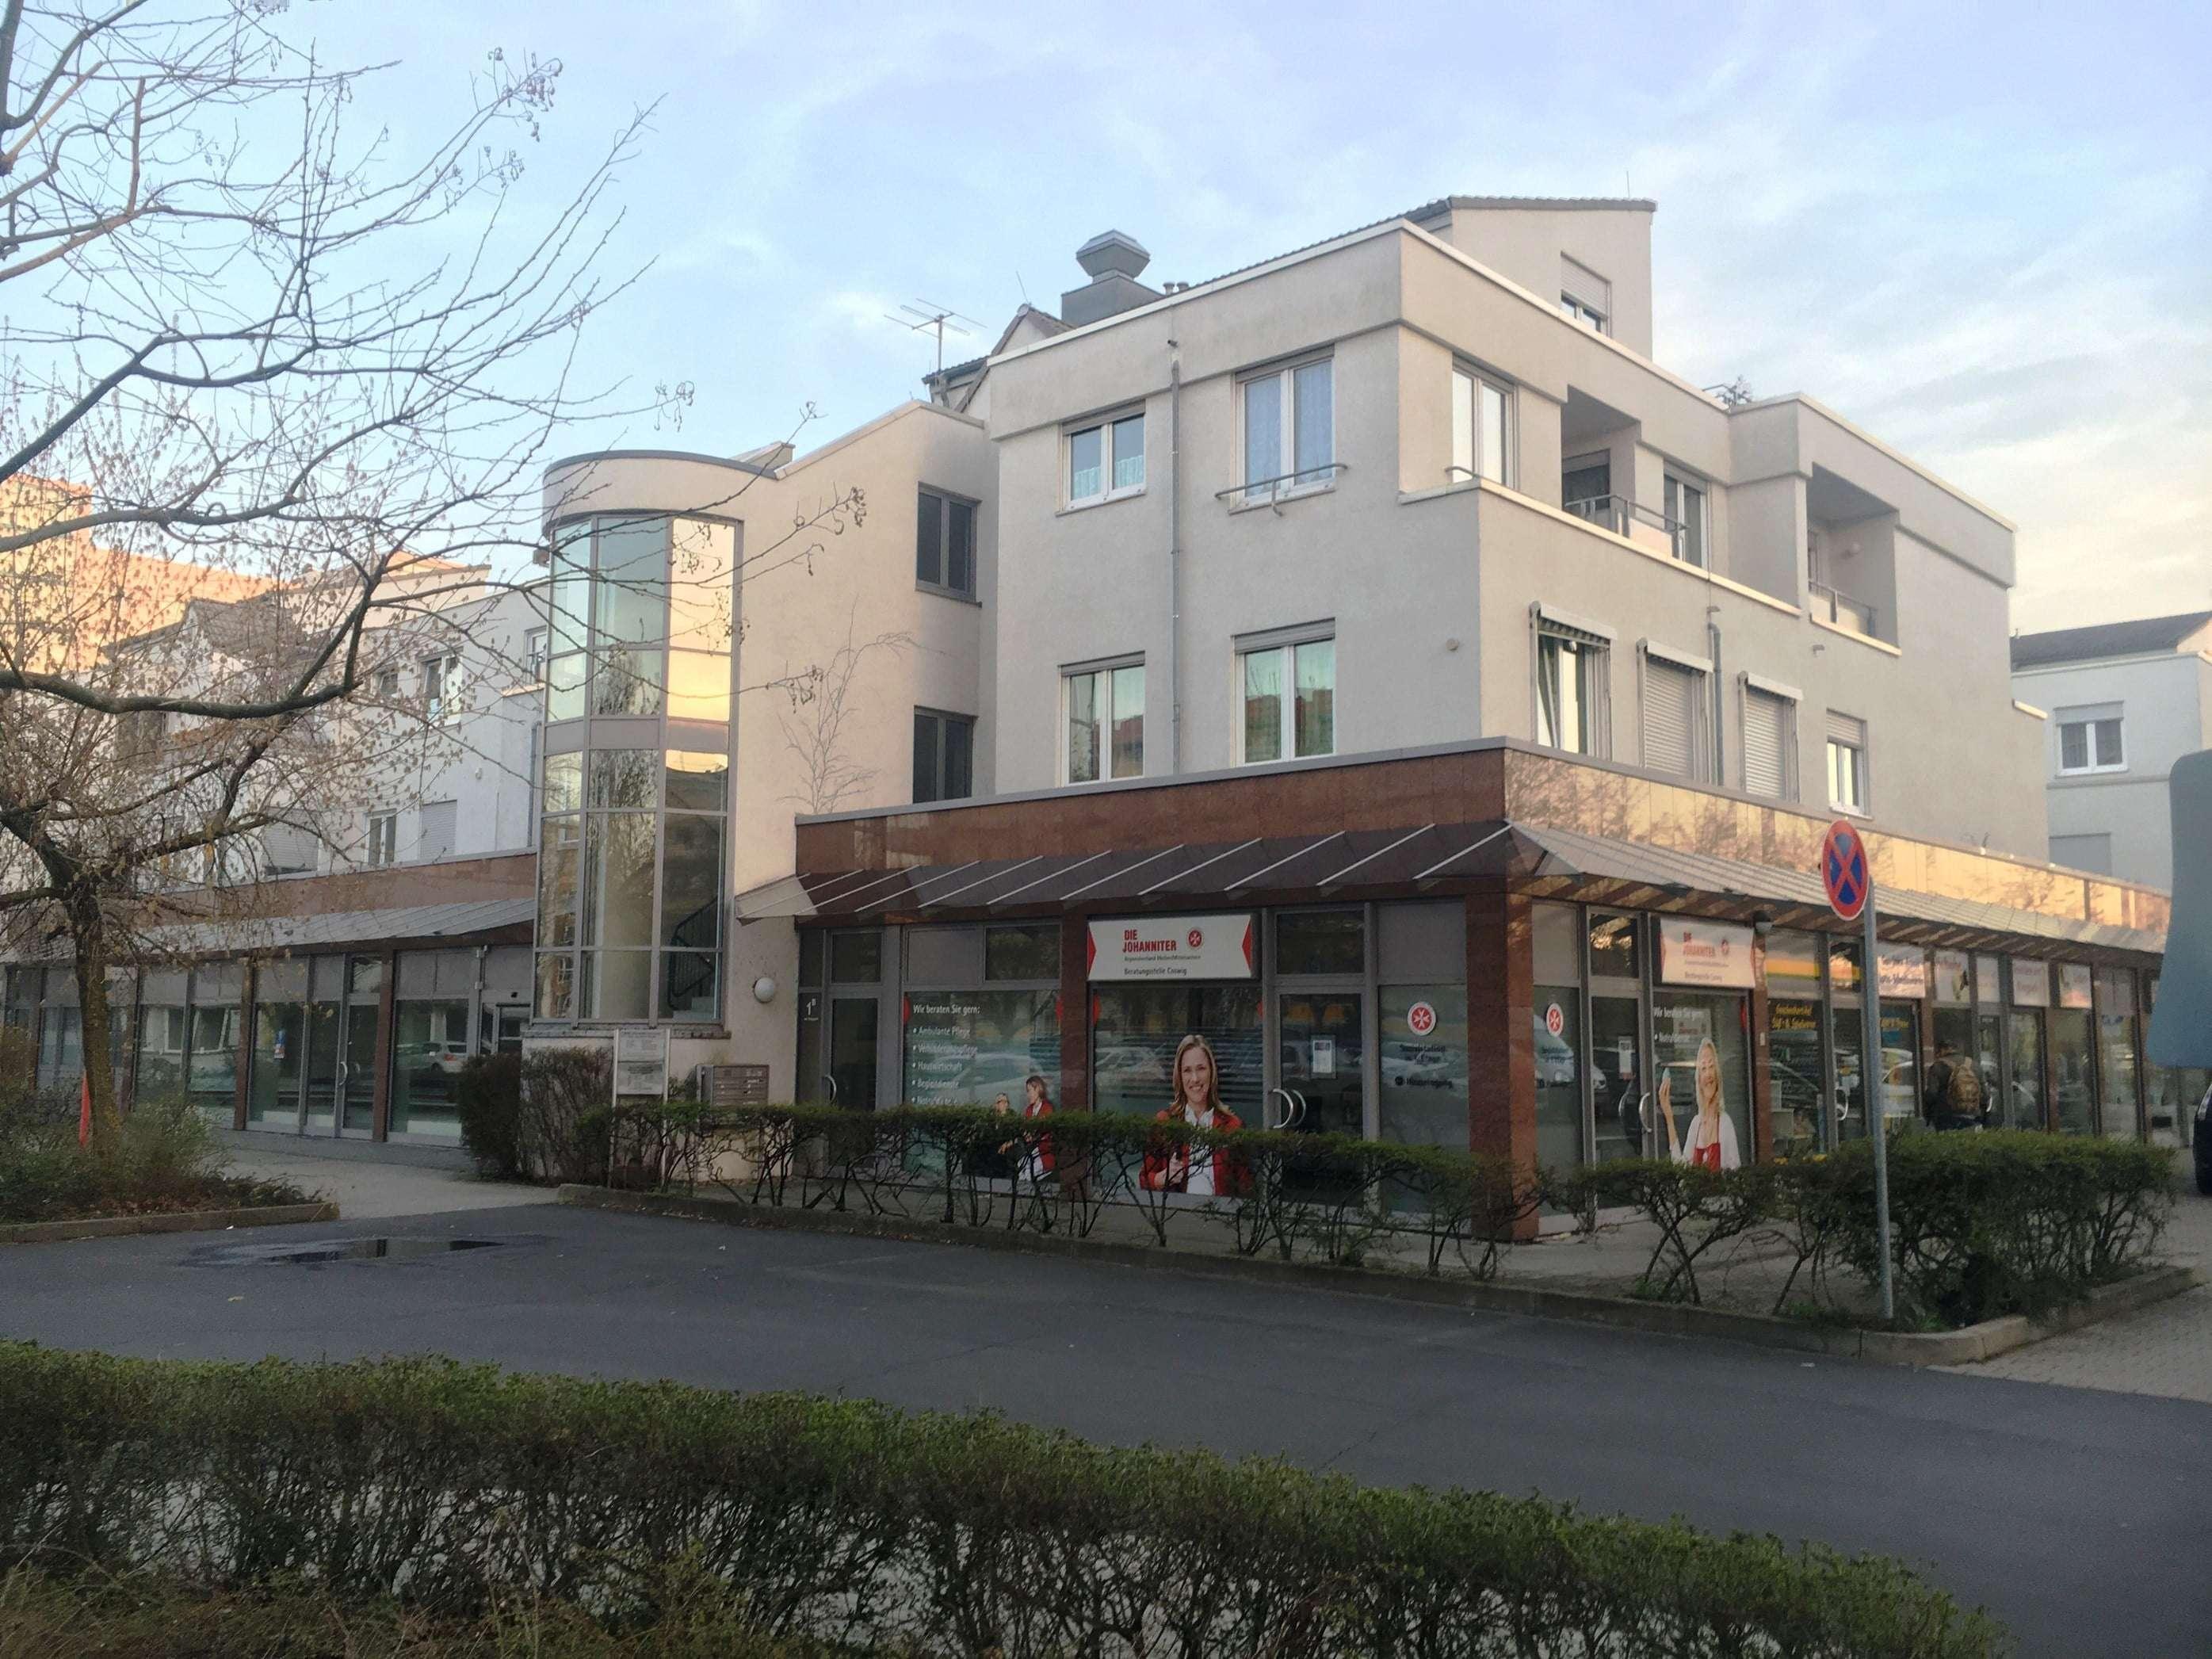 Ein solides Angebot mit einer nachhaltigen Rendite - Wohnung zum Kauf in Coswig